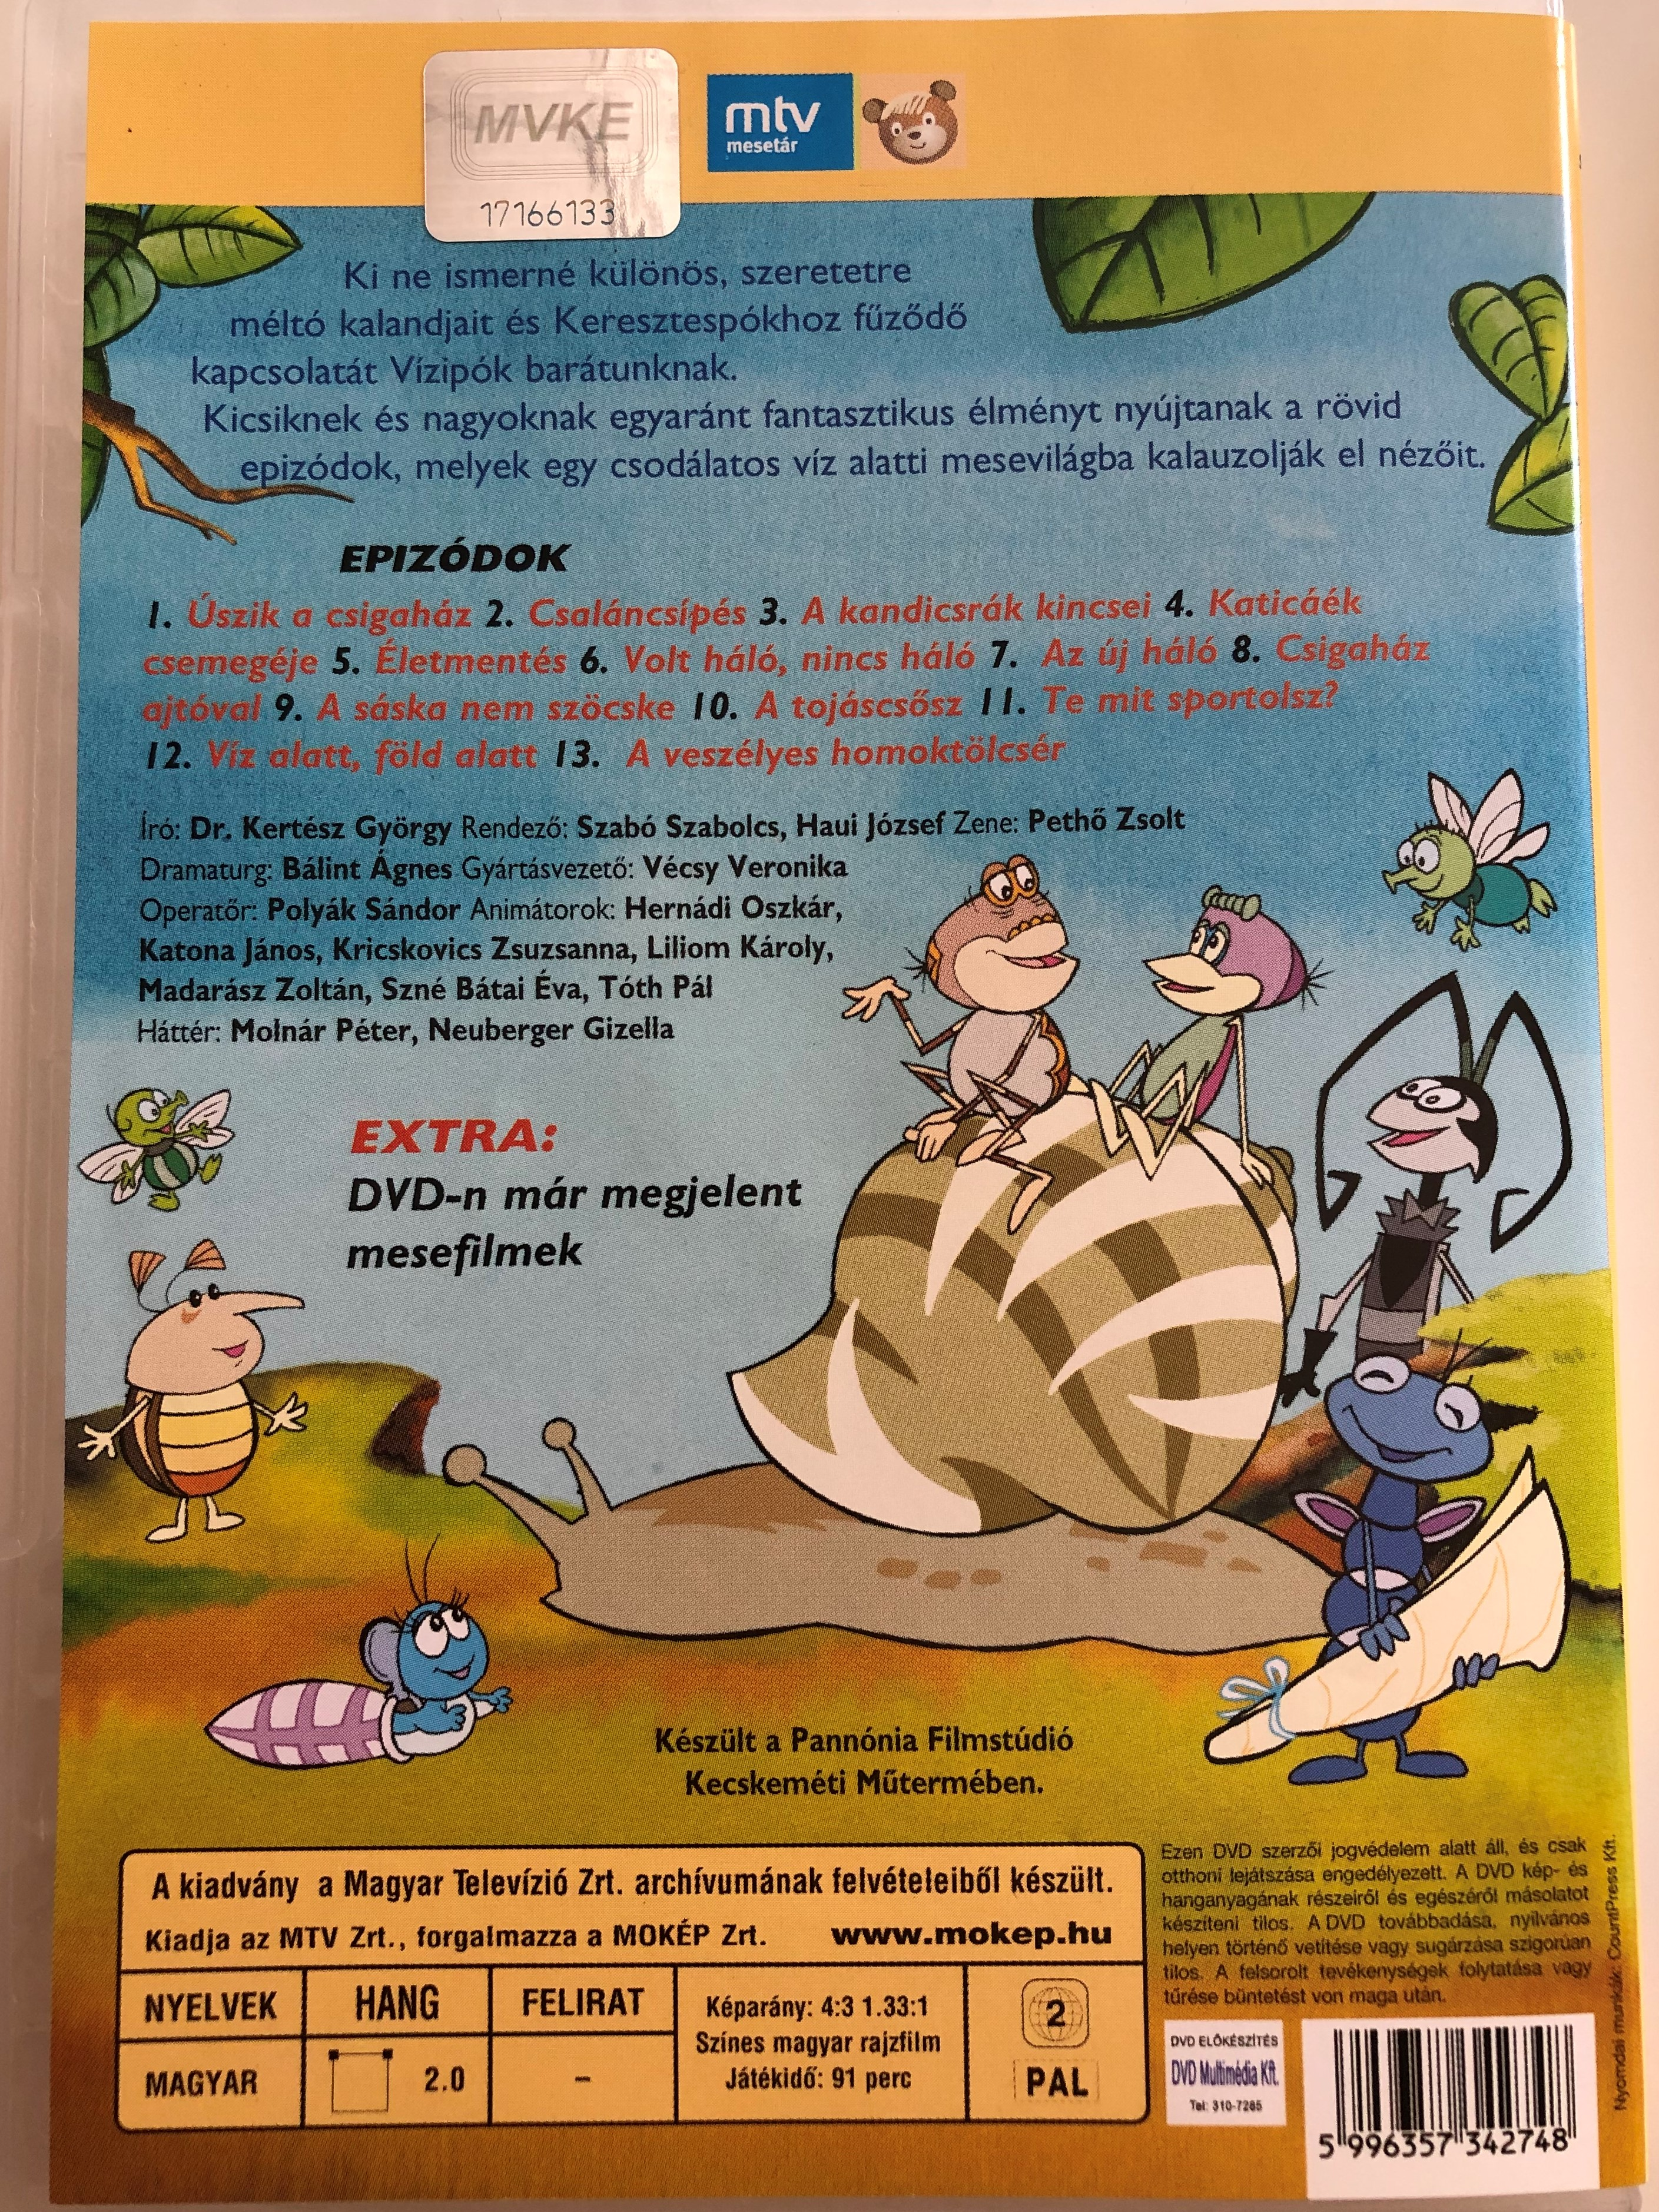 v-zip-k-csodap-k-2.-sorozat-dvd-1980-directed-by-szab-szabolcs-haui-j-zsef-written-by-kert-sz-gy-rgy-hungarian-classic-cartoon-episodes-1-13-2-.jpg